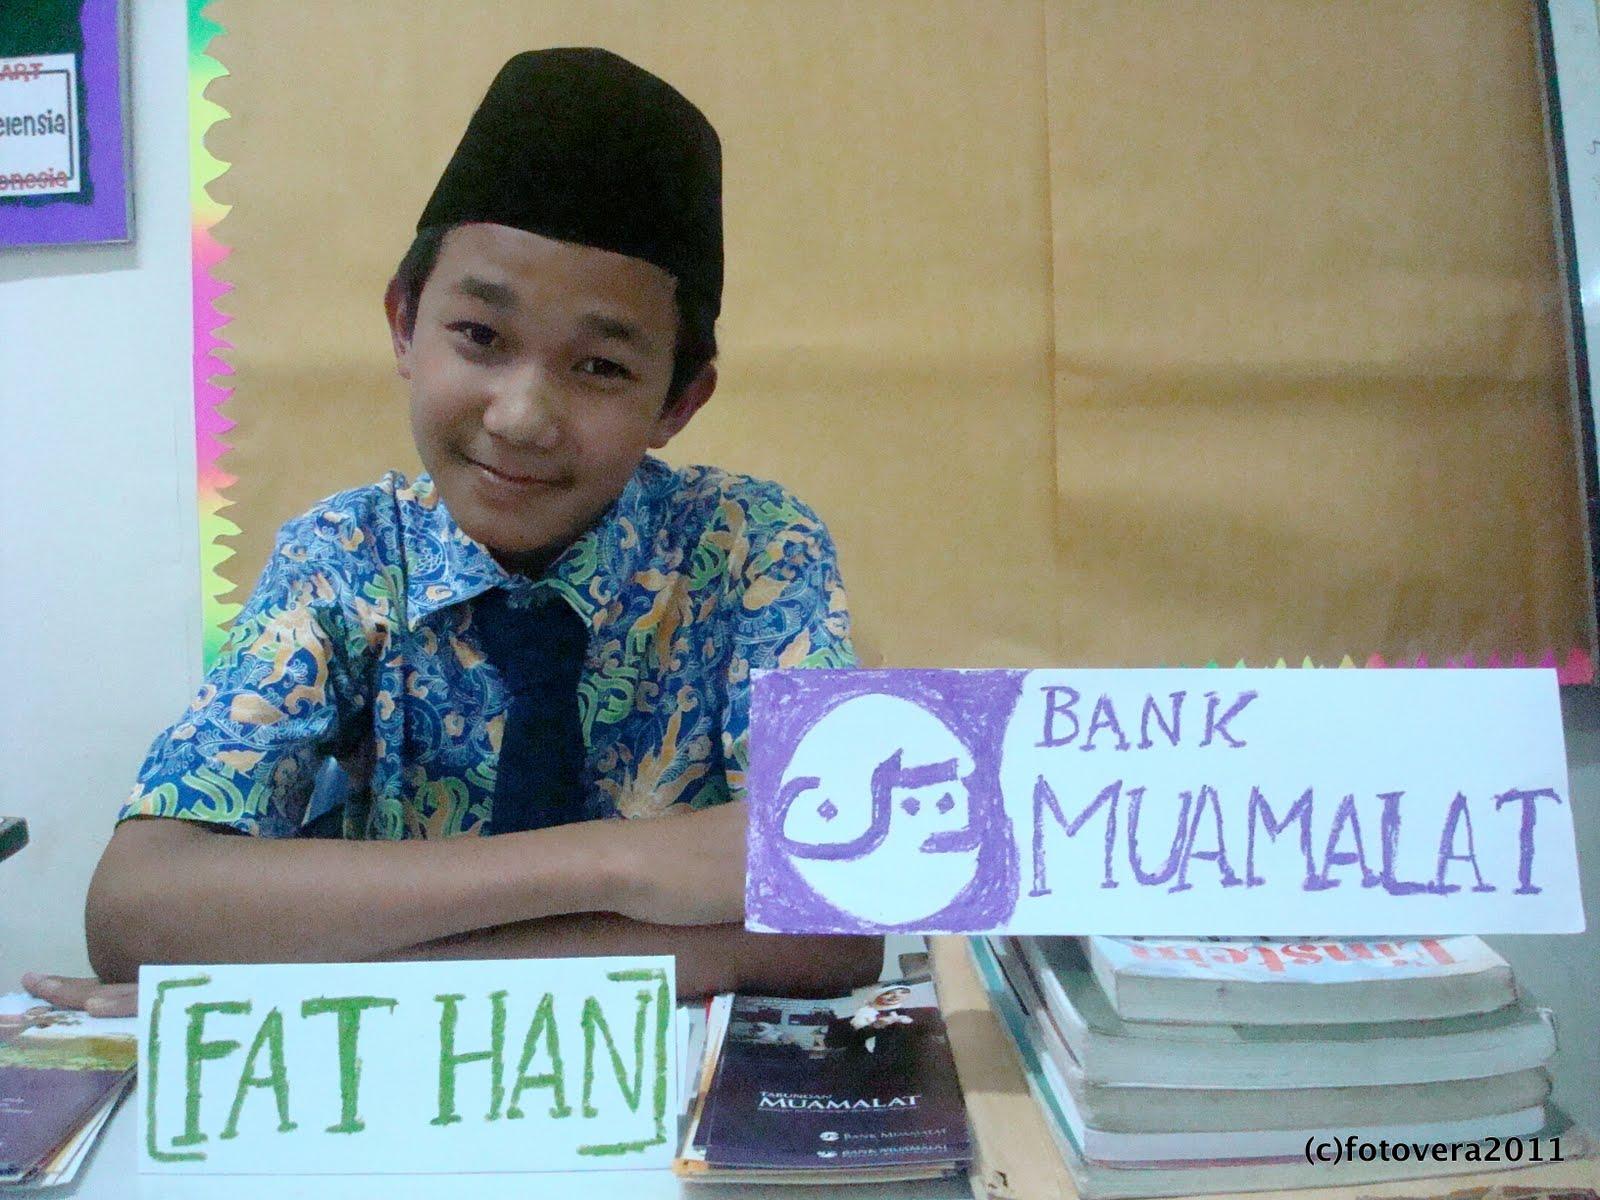 Bank Muamalat Medan Bank Islam Malaysia Bhd Bimb Medan Mara Fat Han Nuraddin Lampung Pegawai Bank Muamalat